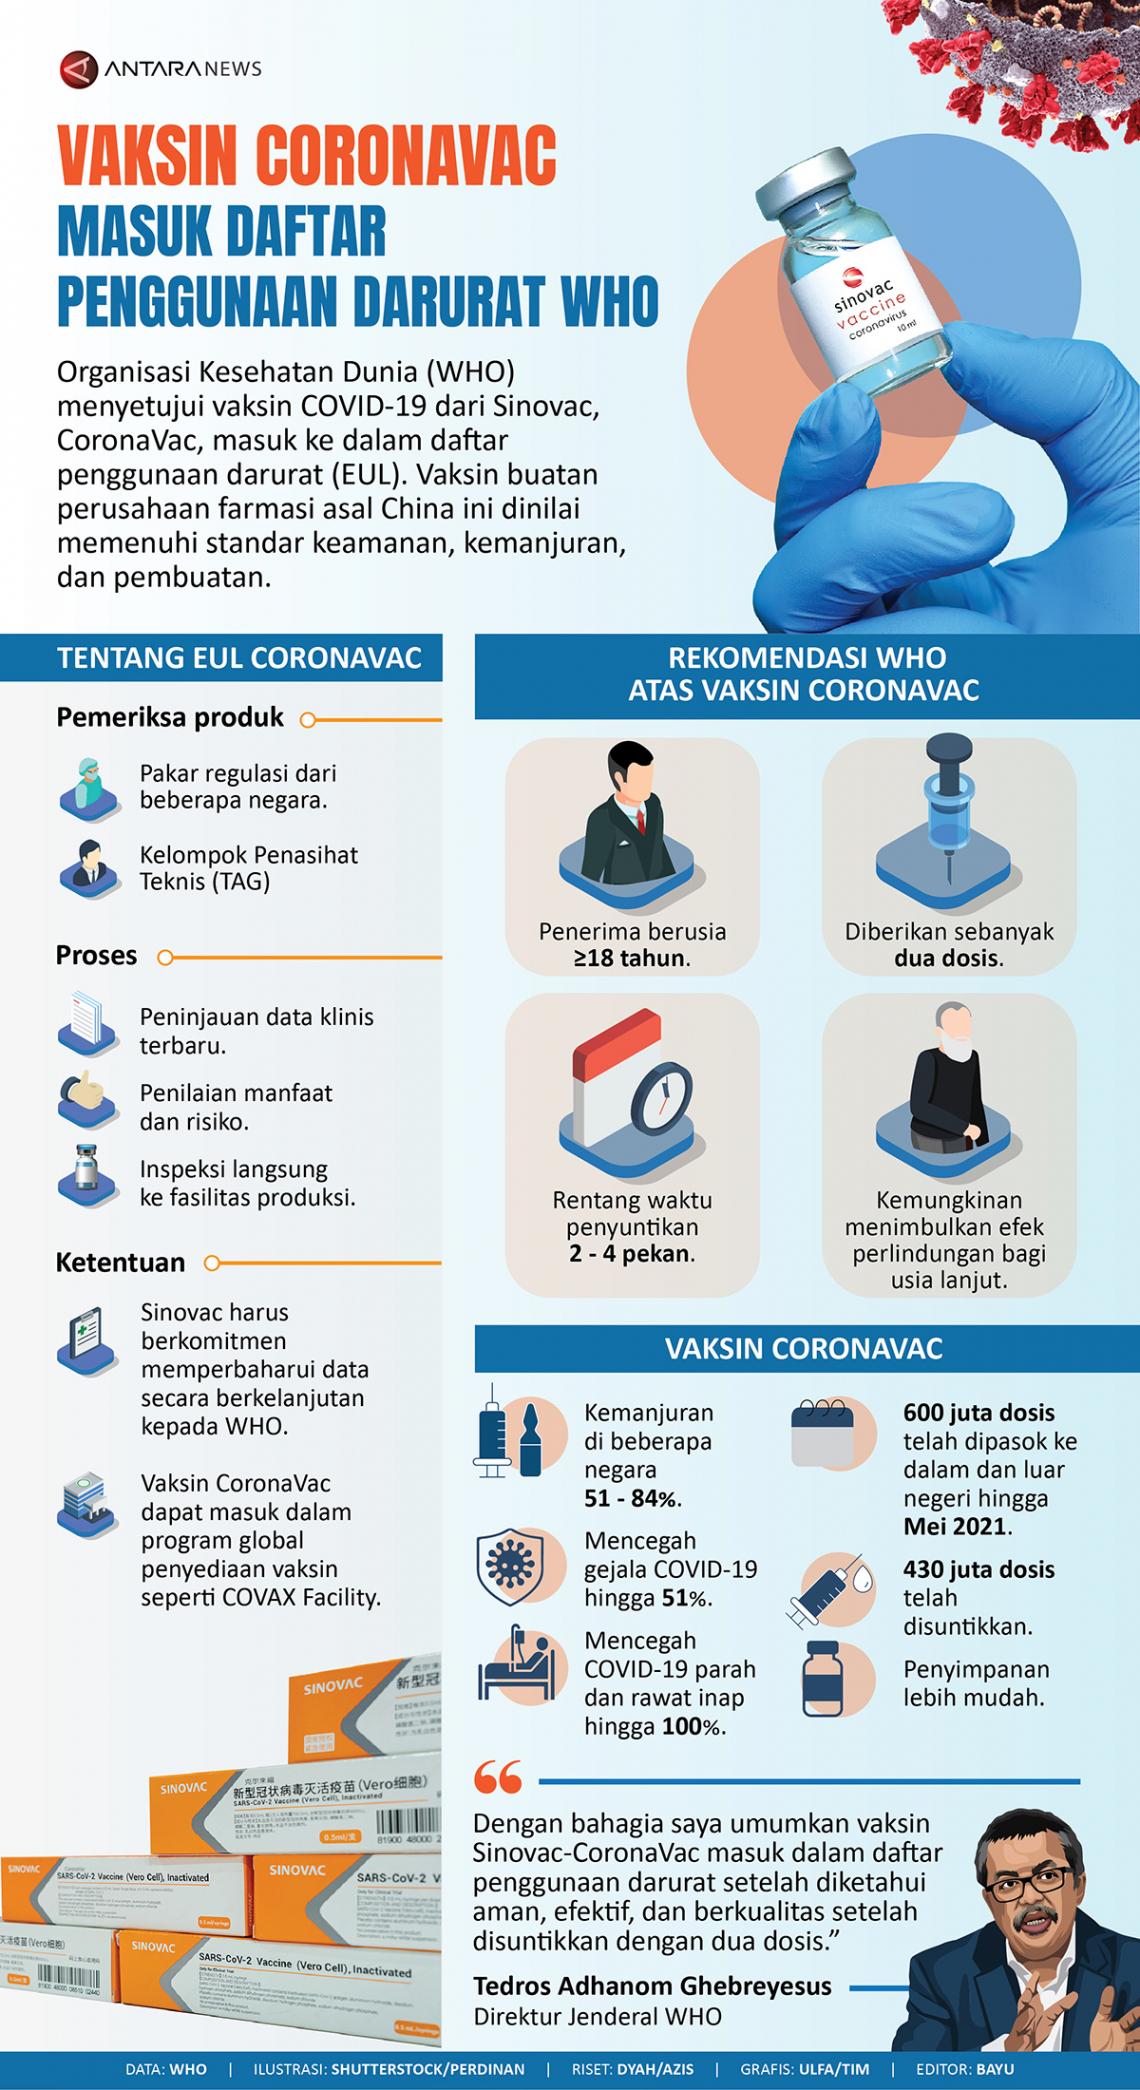 Vaksin CoronaVac masuk daftar penggunaan darurat WHO